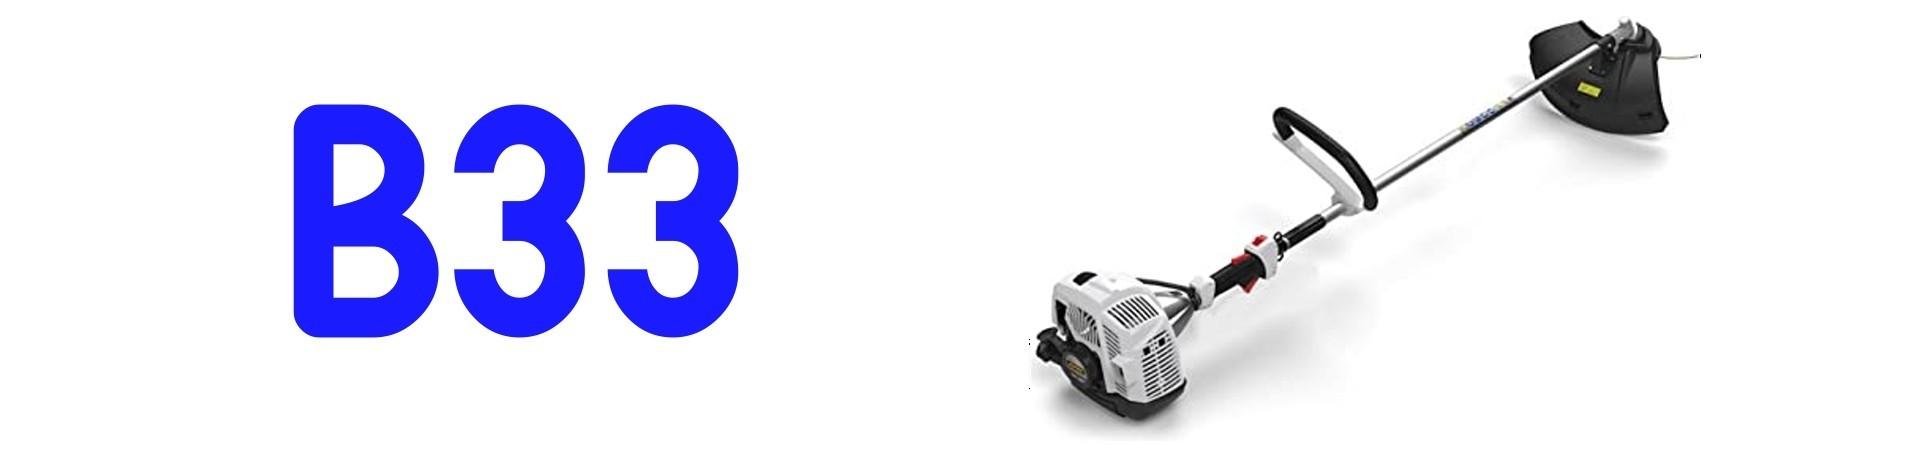 RECAMBIOS Desbrozadora Alpina B33 al Mejor PRECIO